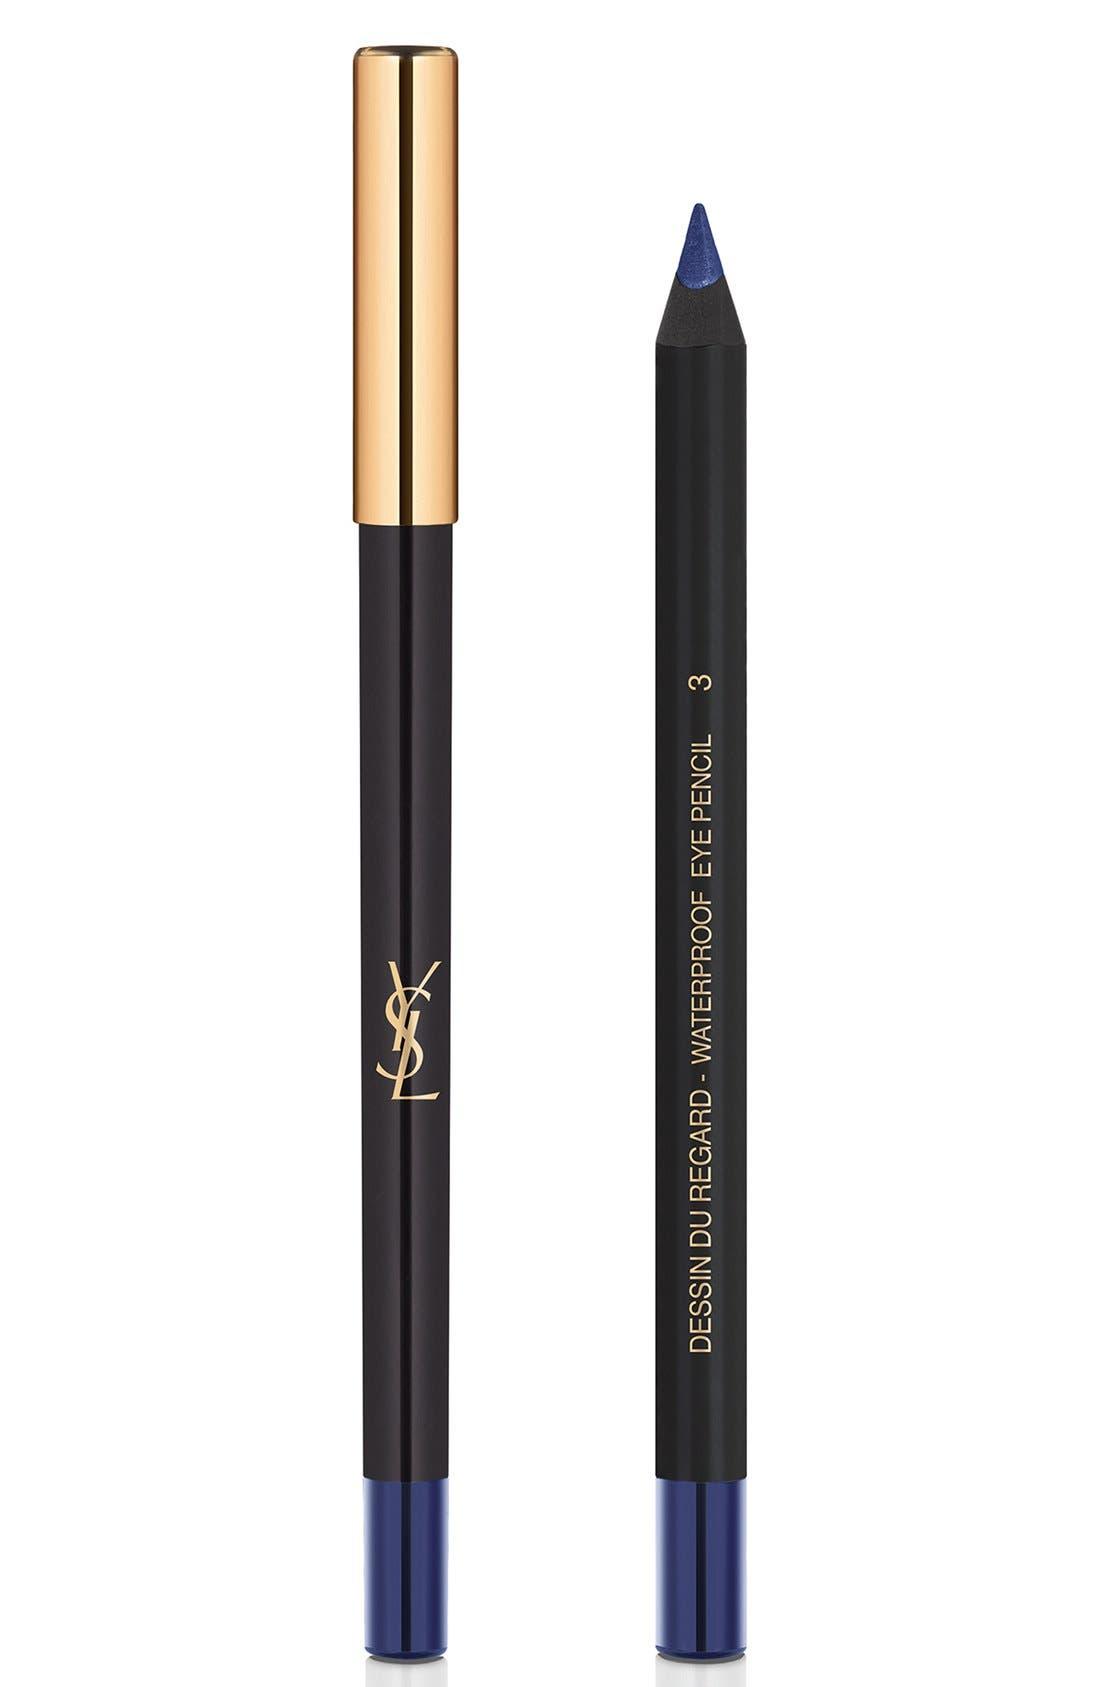 Yves Saint Laurent Dessin Du Regard Waterproof Eyeliner Pencil - 03 Blue